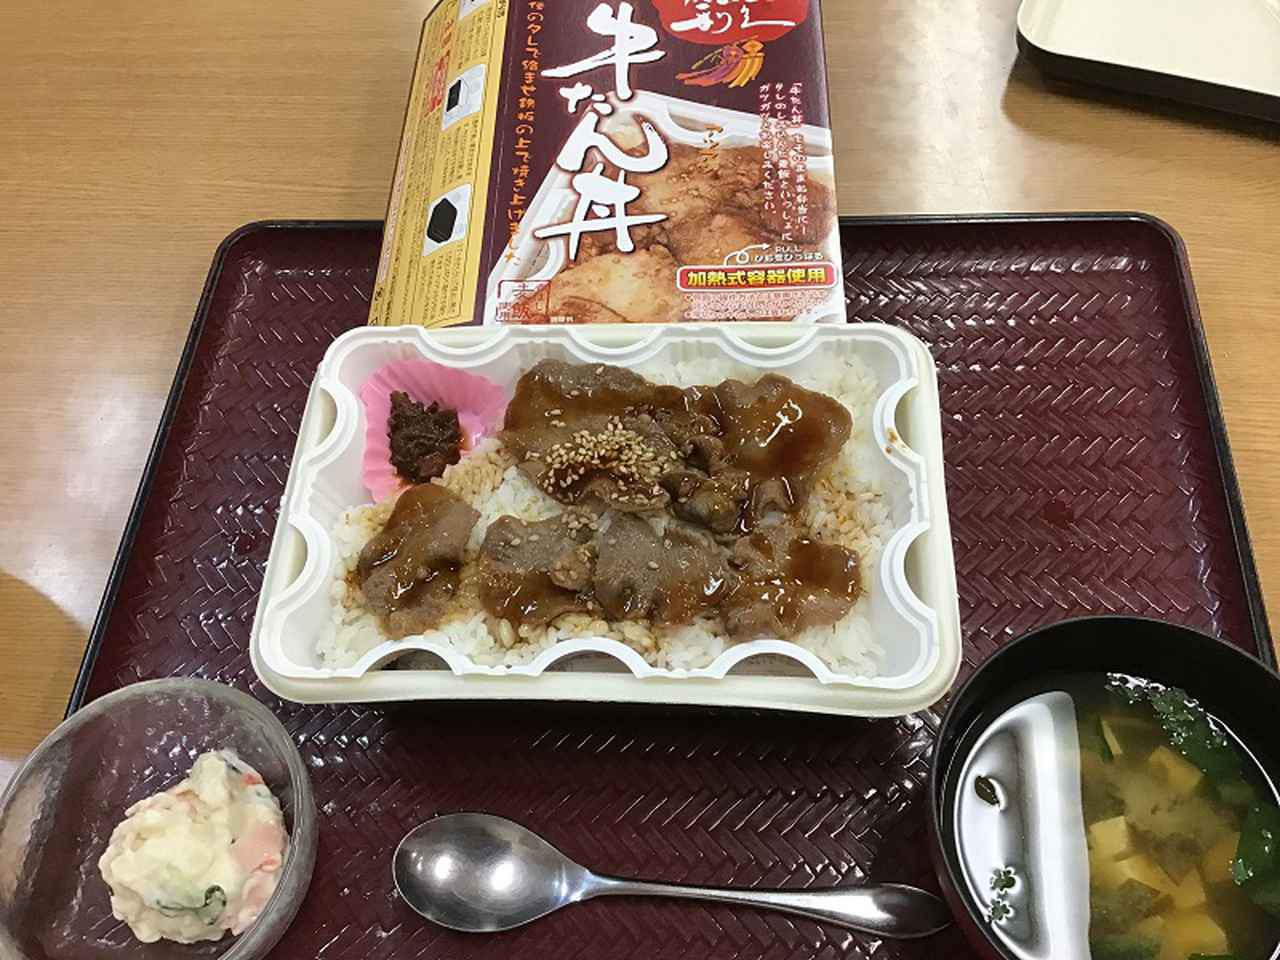 画像2: 美味しんぼ倶楽部は牛タン「利休」さんのお弁当